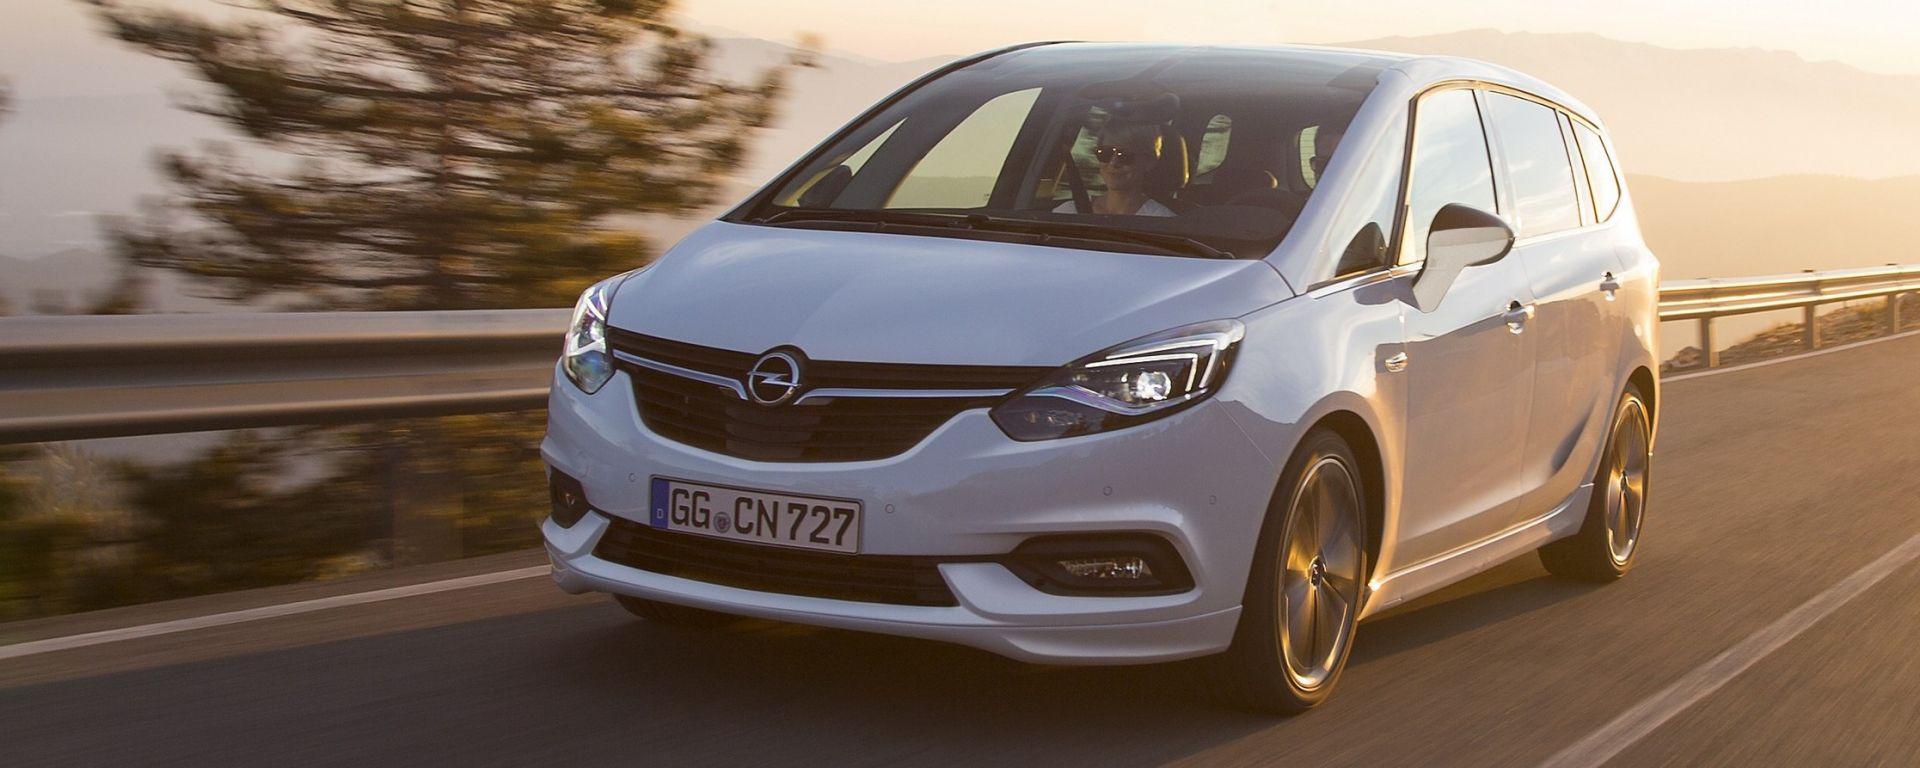 Opel Zafira: per la KBA è ok il software montato sul motore 2.0 turbodiesel